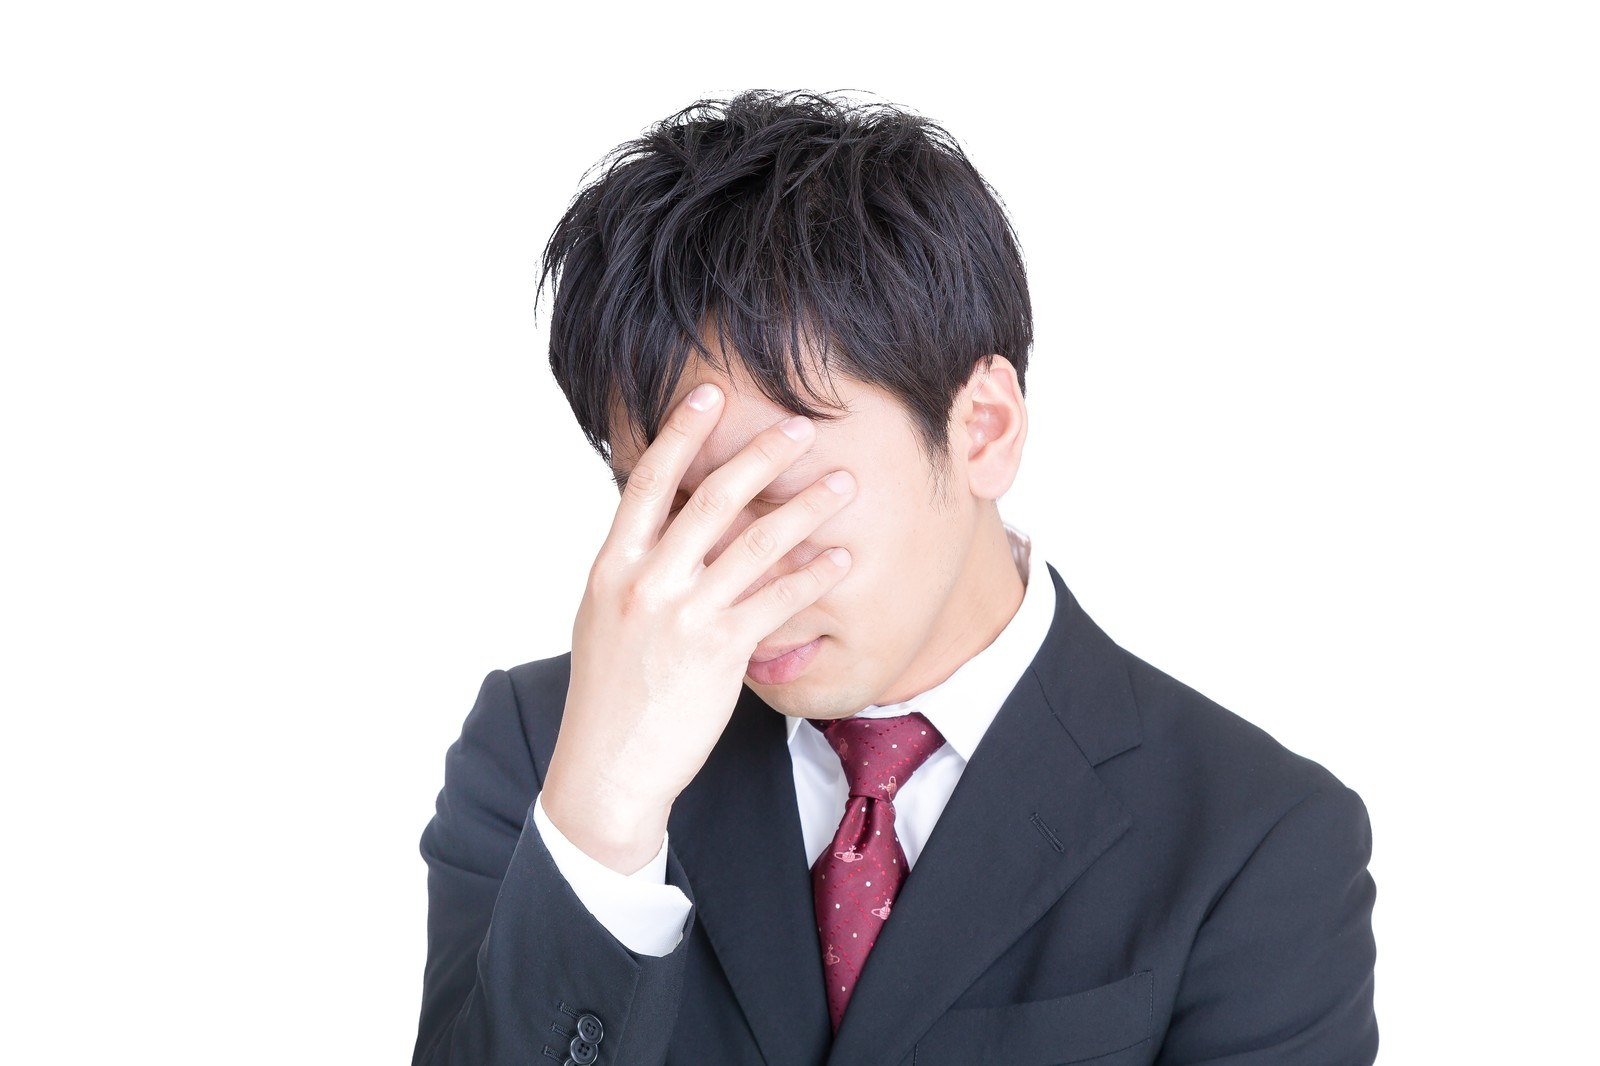 片頭痛の特徴、原因、対策